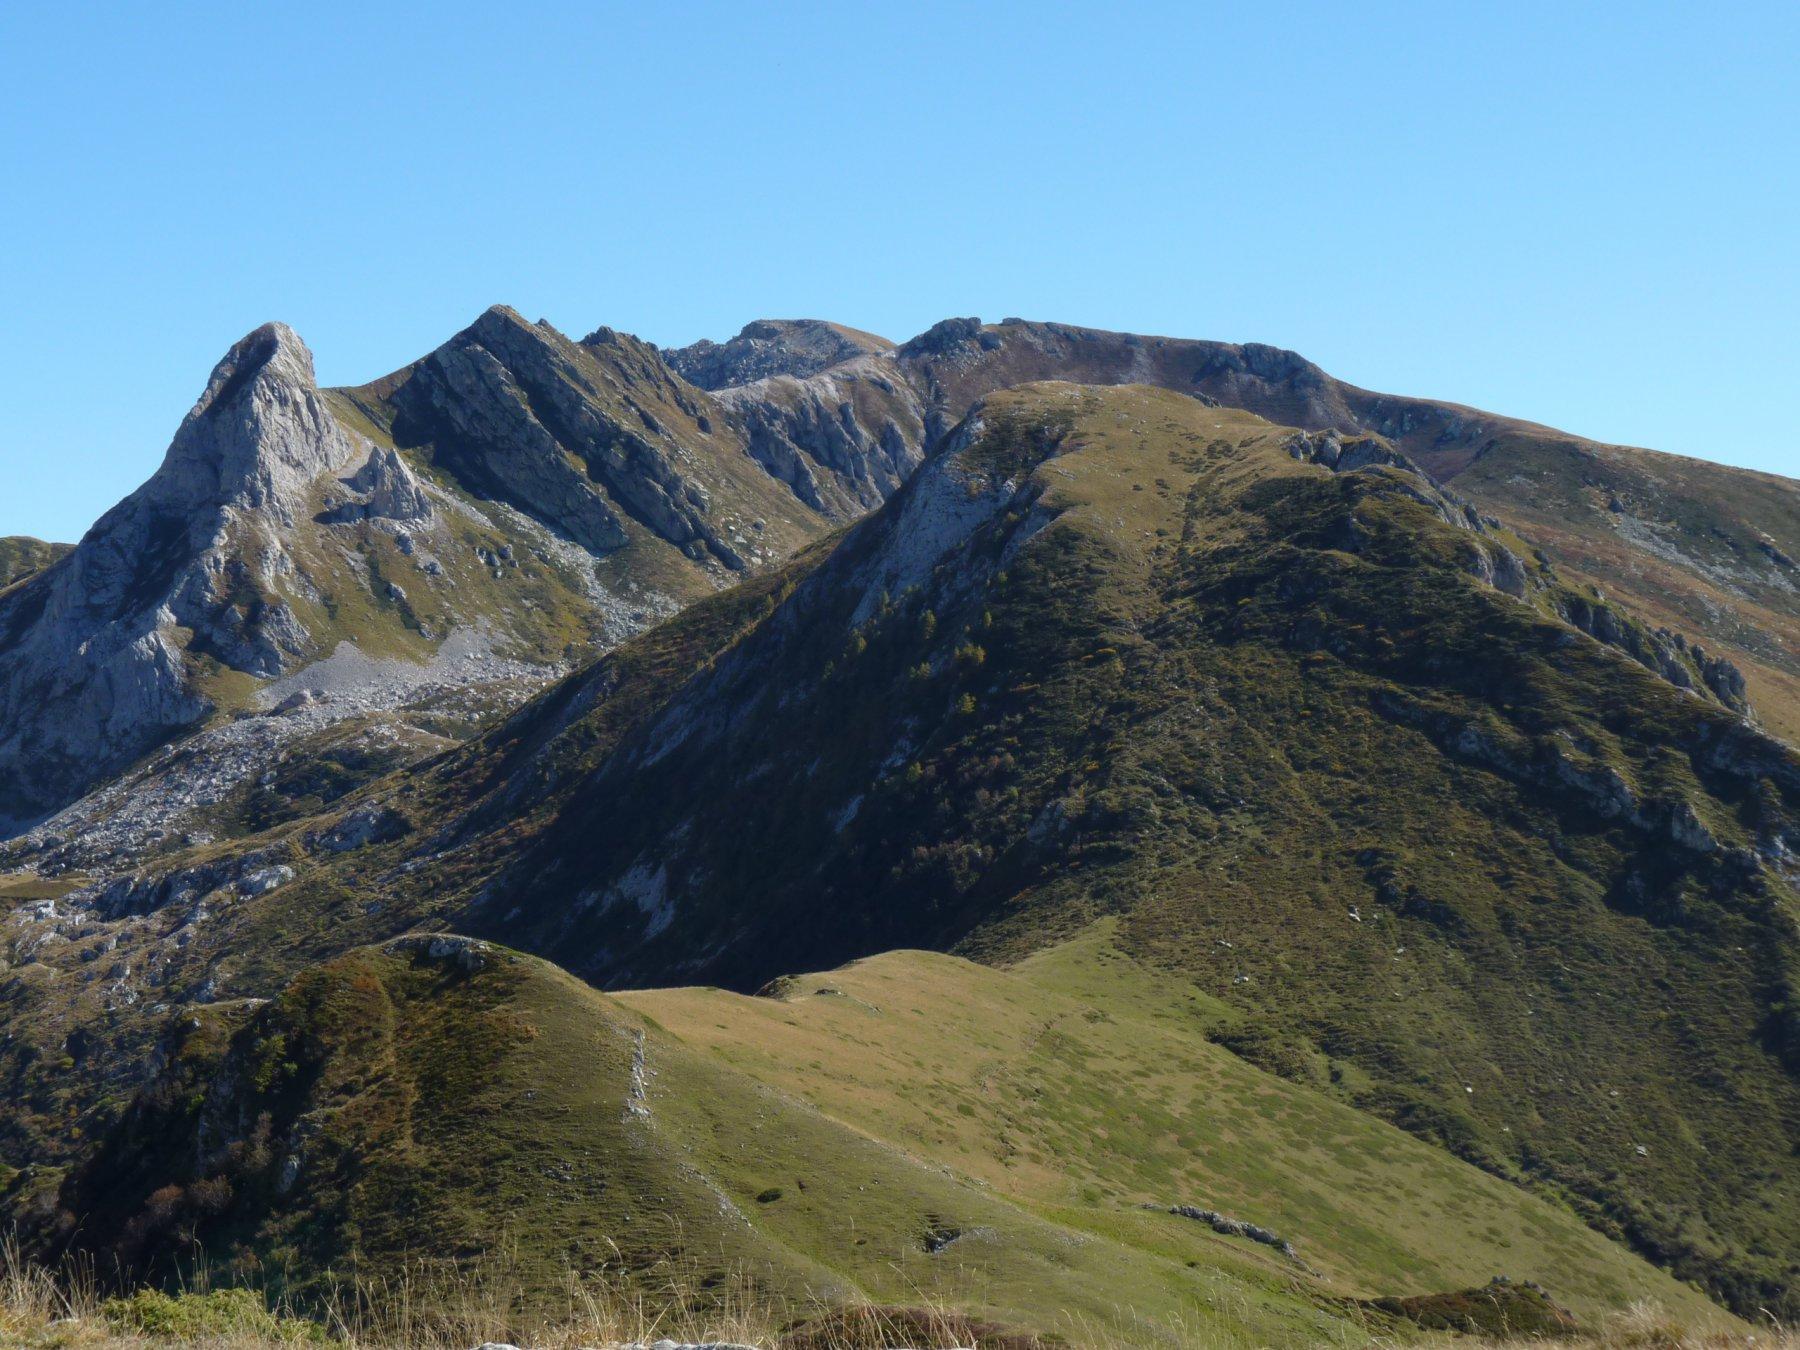 Dorsale appena scesa vista dal Monte Grosso